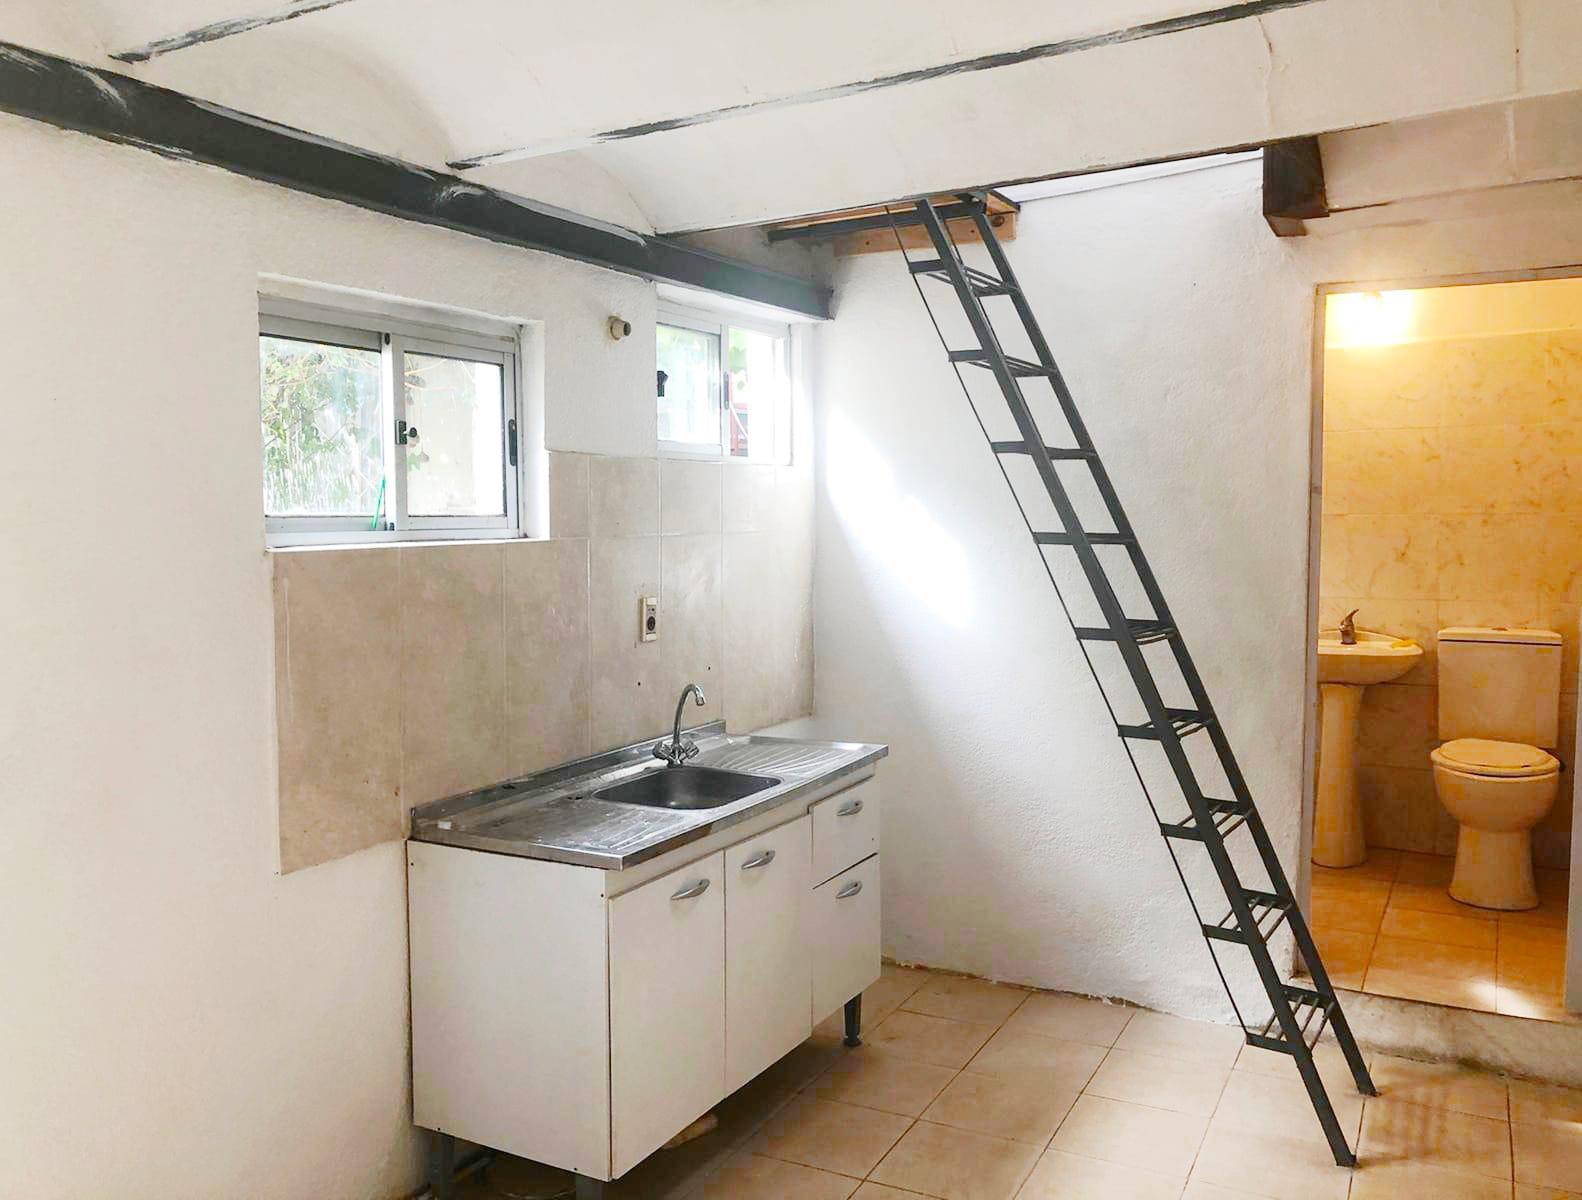 Alquiler Apartamento 1 dormitorio en Zona Union.